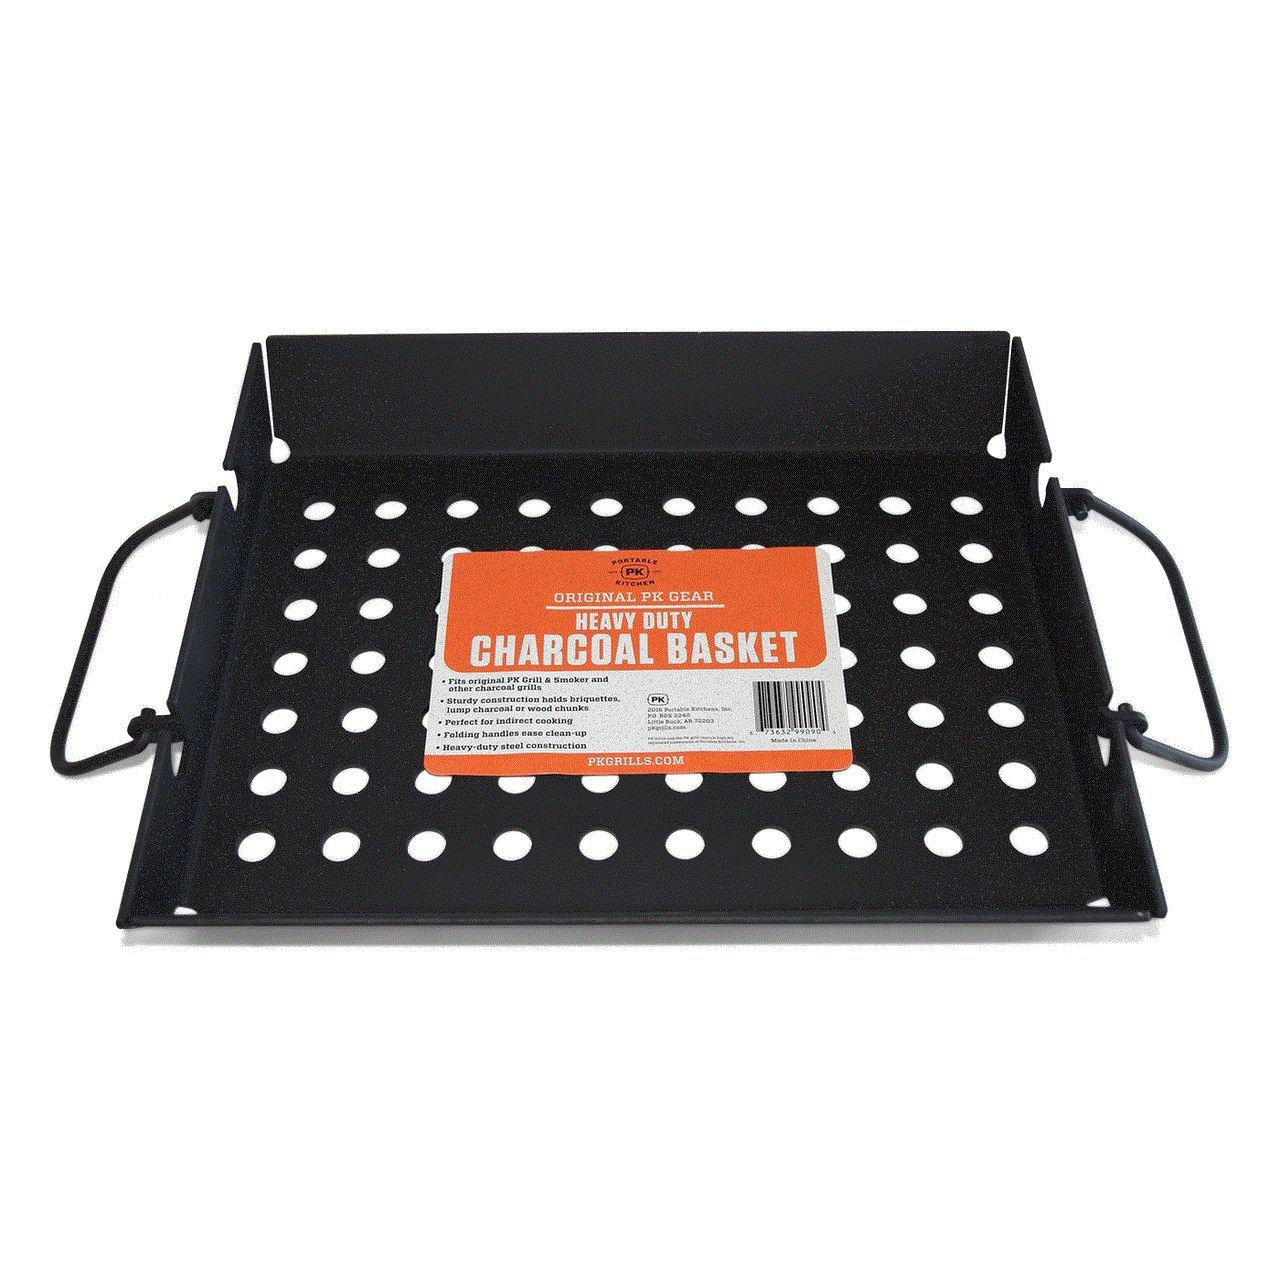 PK Grills PK99090 Heavy Duty Charcoal Basket